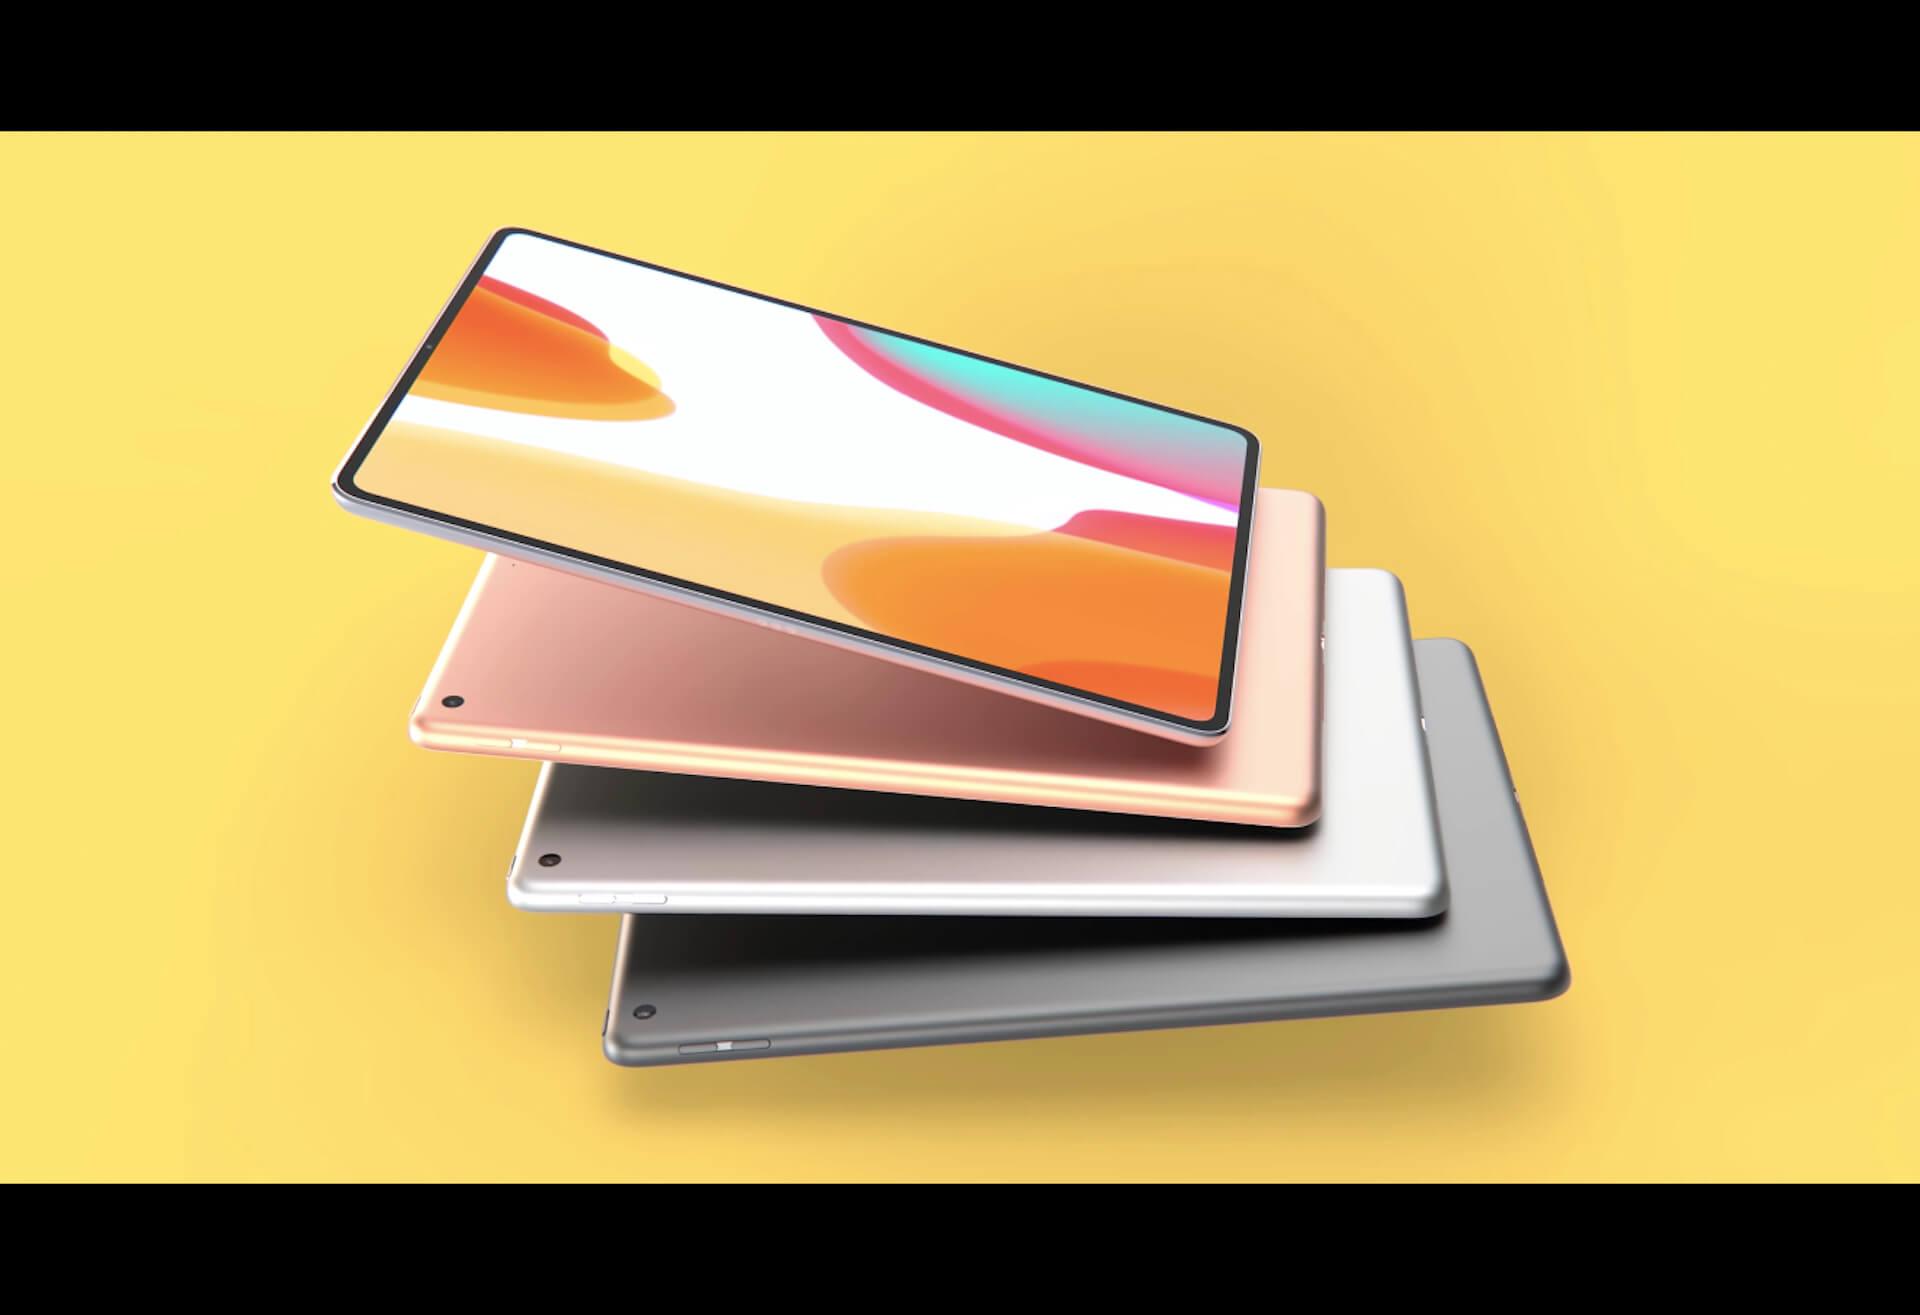 新型iPad Airはやはり今年中、まもなく発表か?著名リーカーが言及 tech200820_ipadair_main